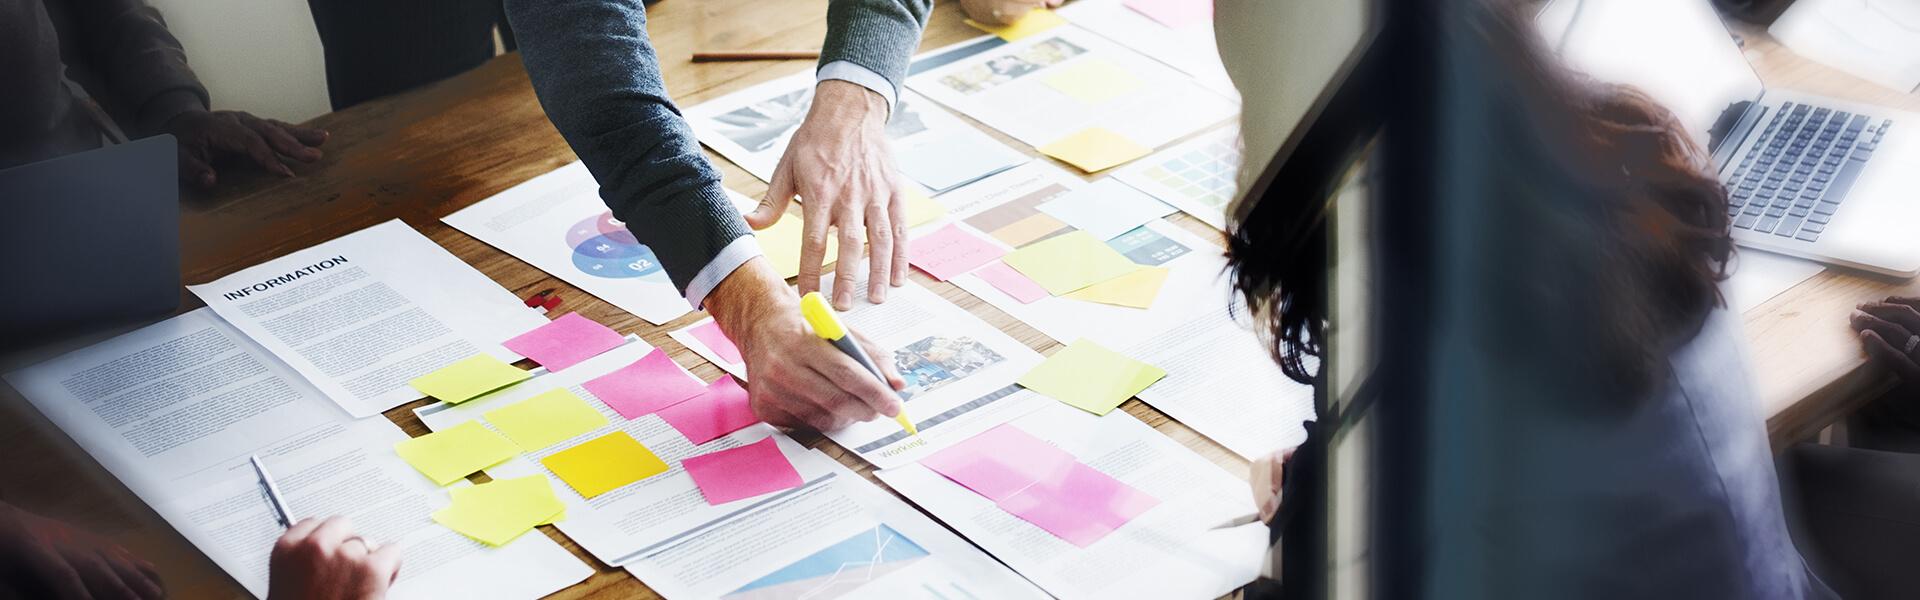 content marketing agentur in koblenz forty four. Black Bedroom Furniture Sets. Home Design Ideas